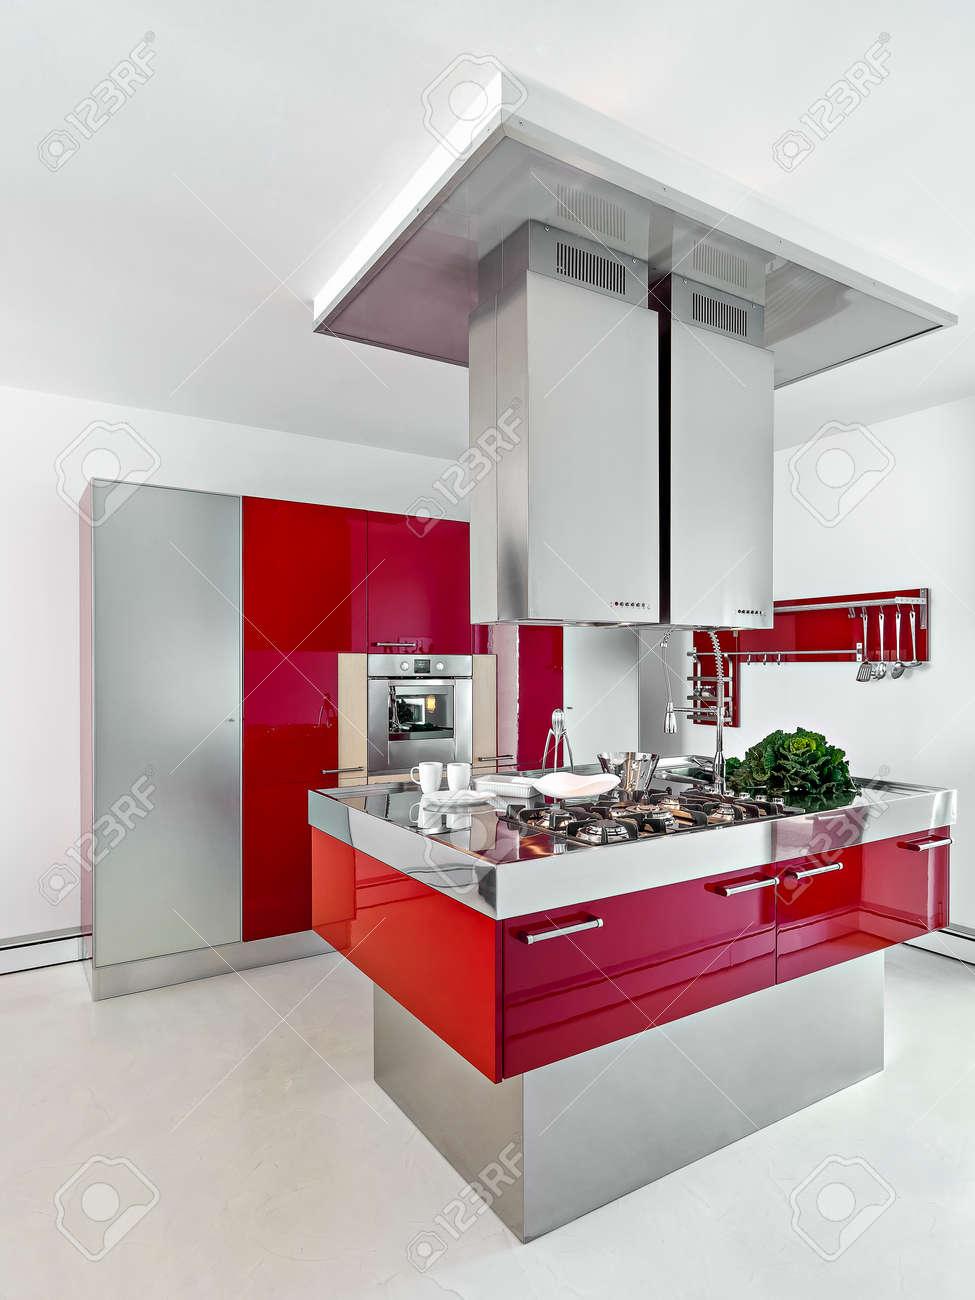 Innenansicht Einer Modernen Küche Mit Roten Möbeln Im Vordergrund ...